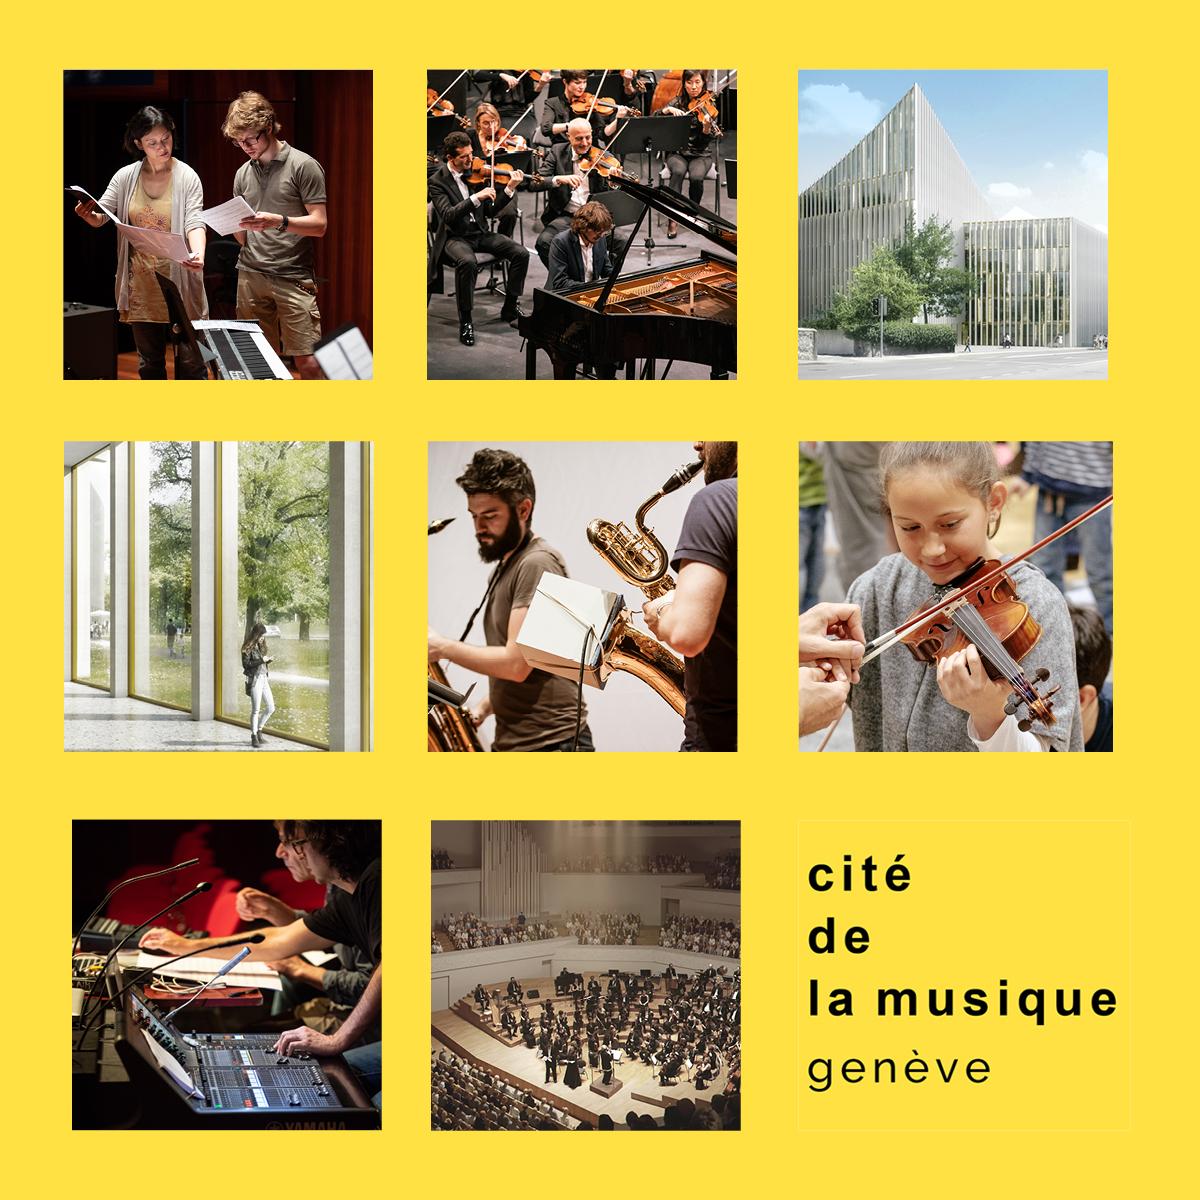 Cité de la musique Genève